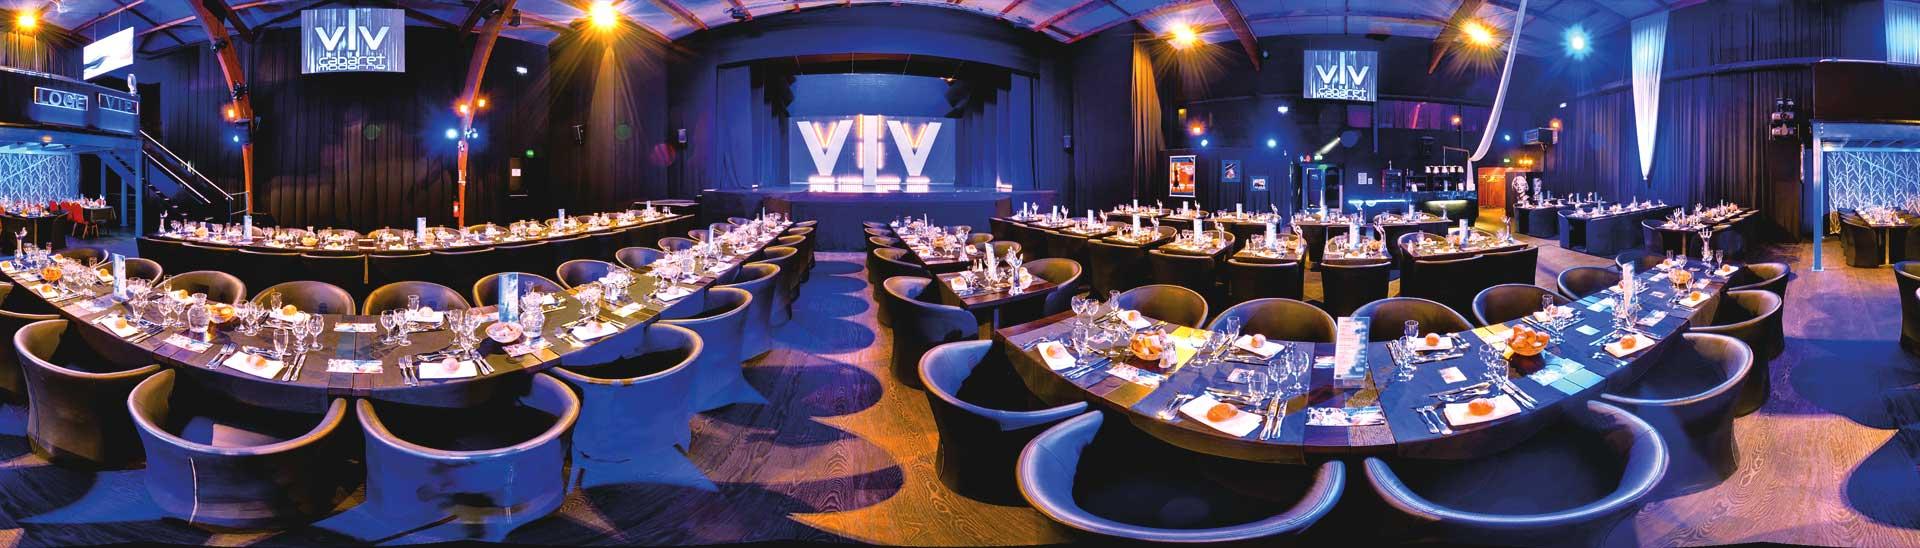 Salle de réception, diner-spectacle, Voulez-Vous Orléans